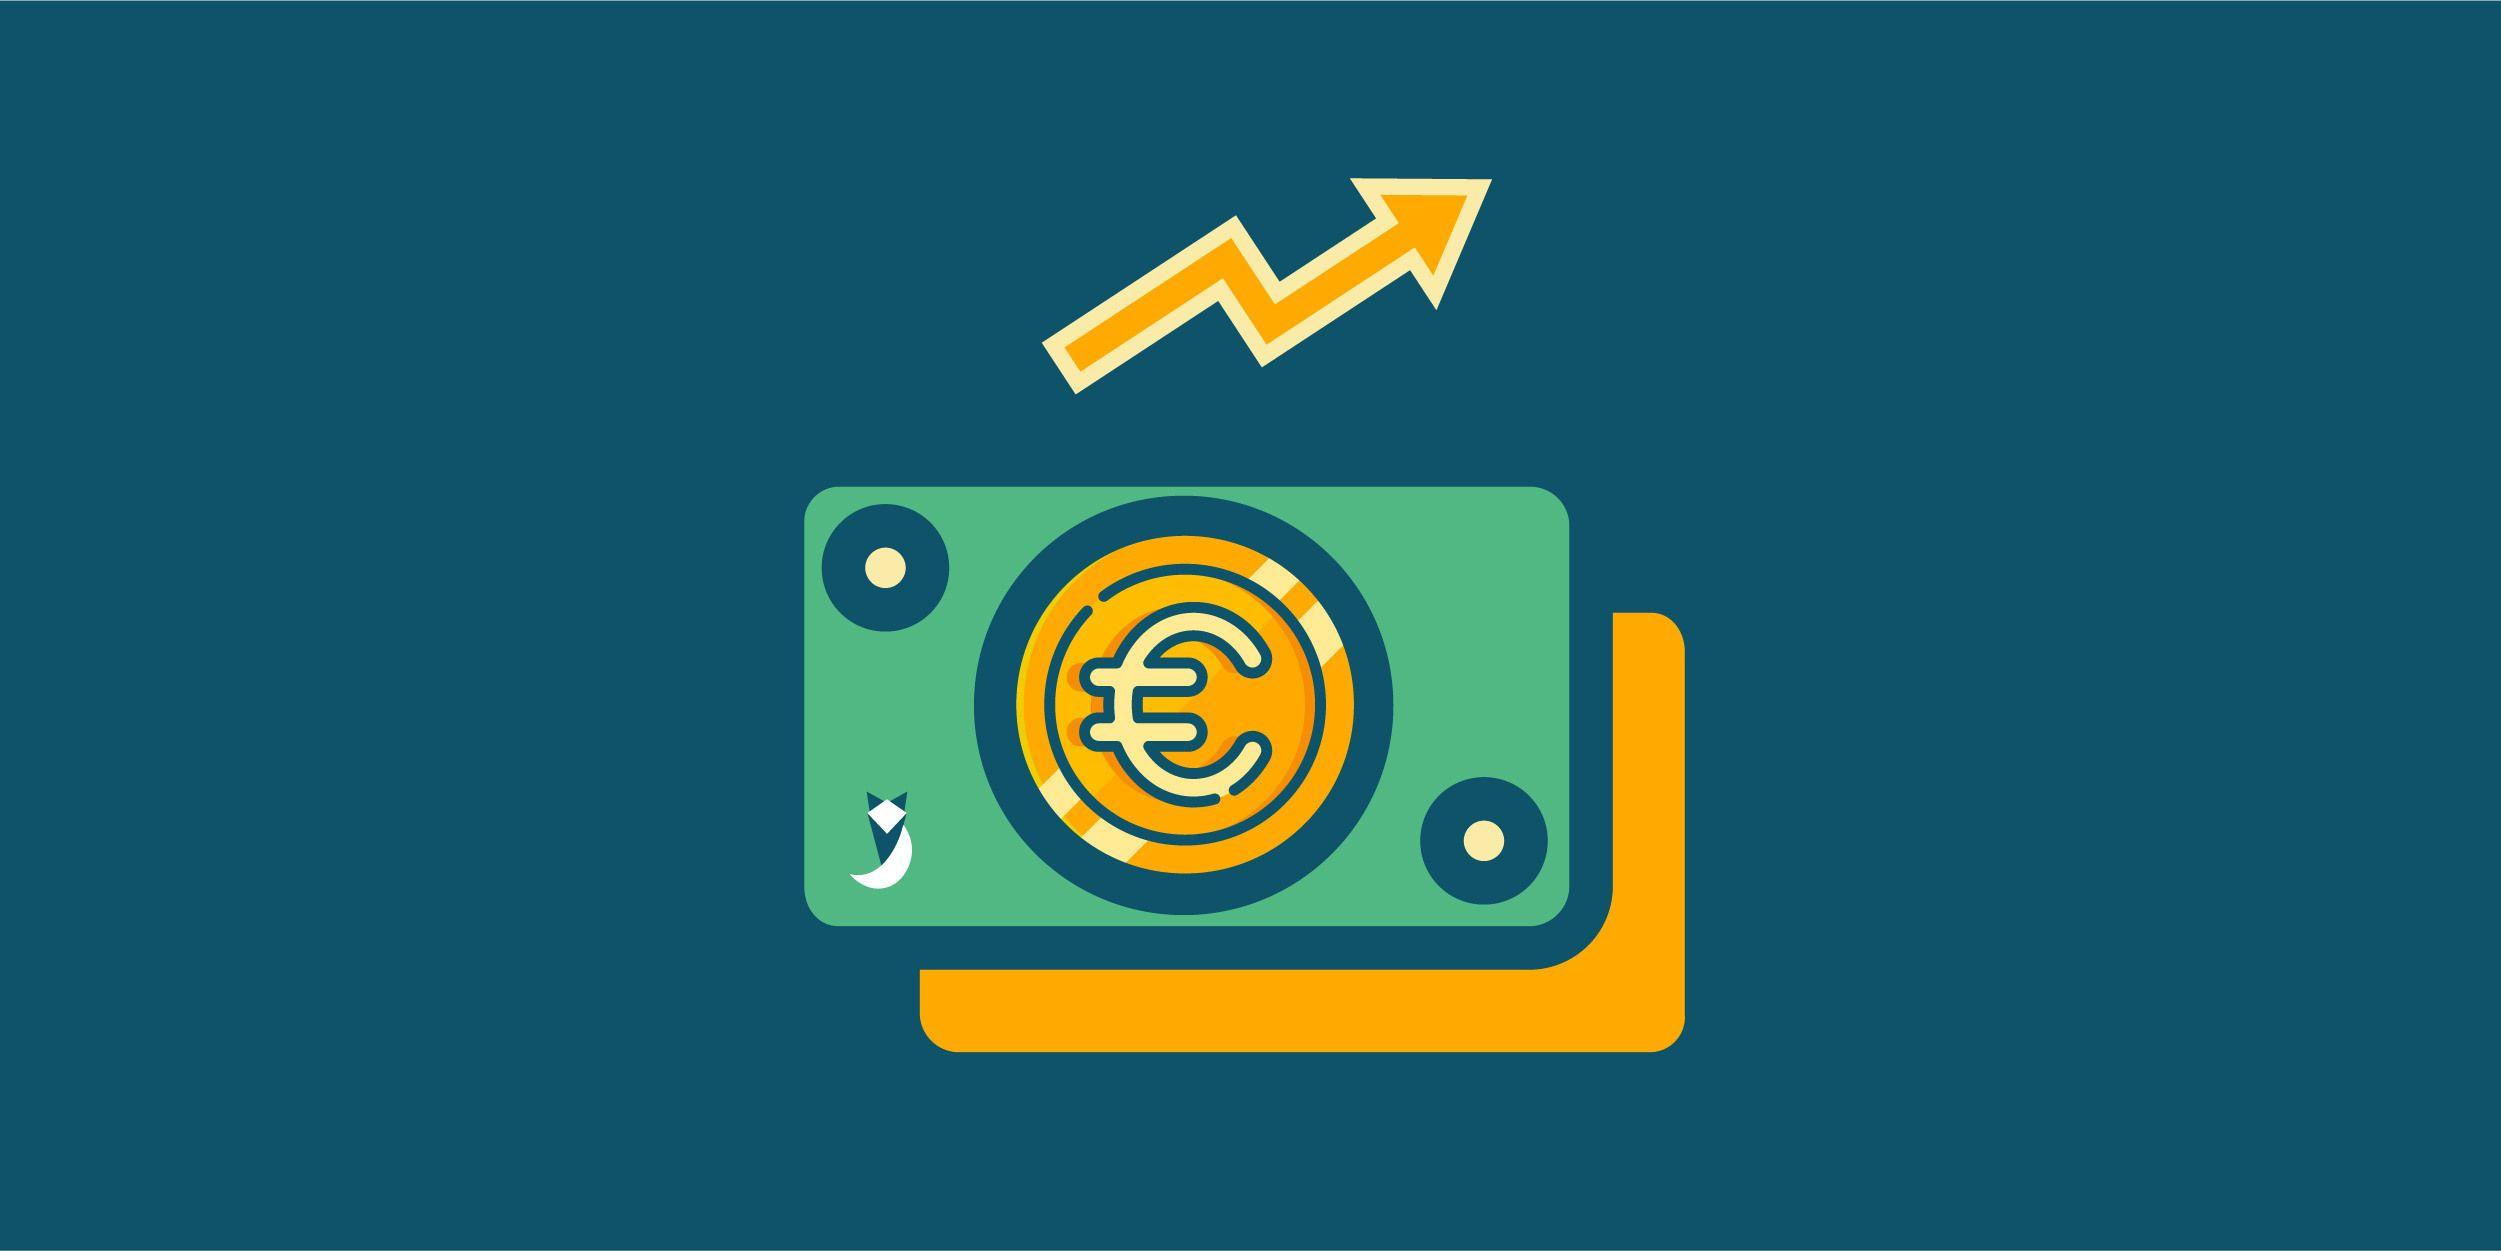 سعر اليورو في البنوك المصرية اليوم 27 أبريل 2021